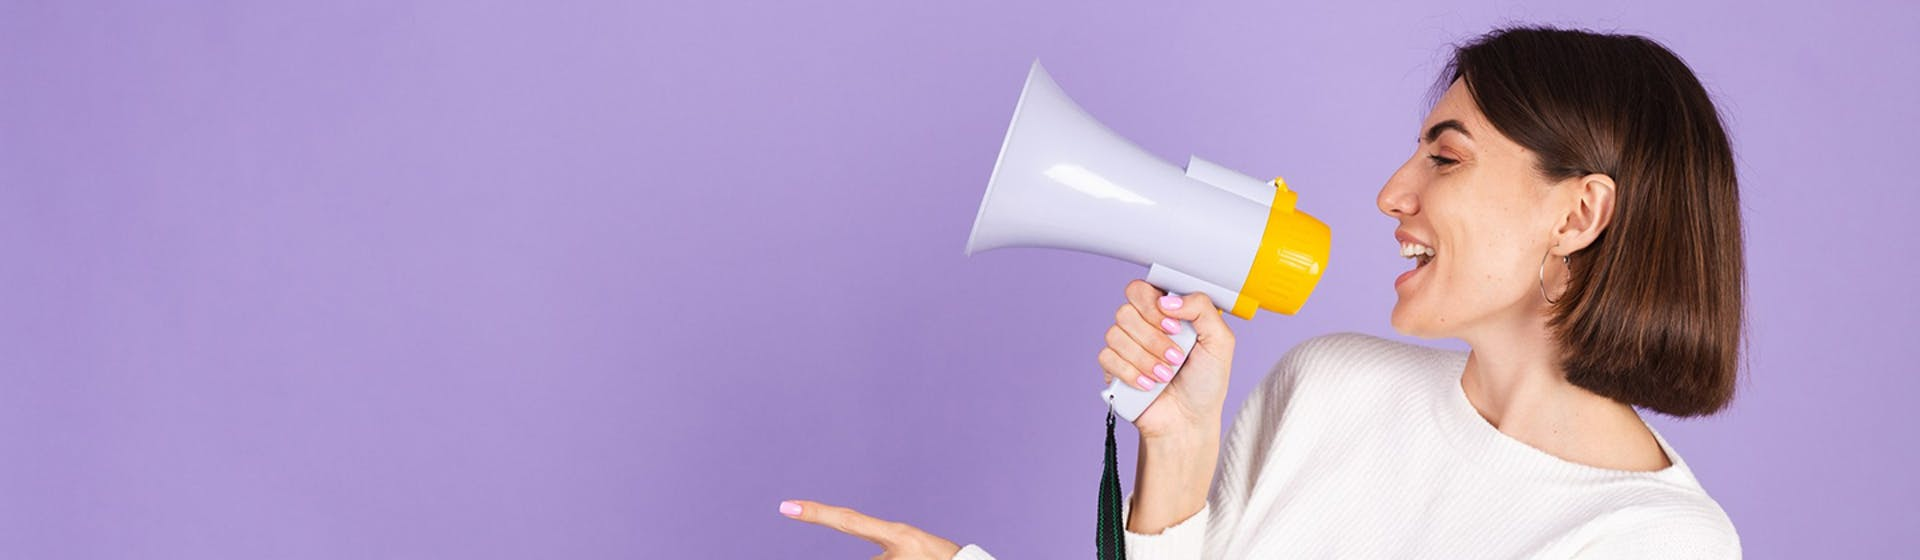 ¿Qué es persuadir y por qué es la habilidad más importante para la comunicación?